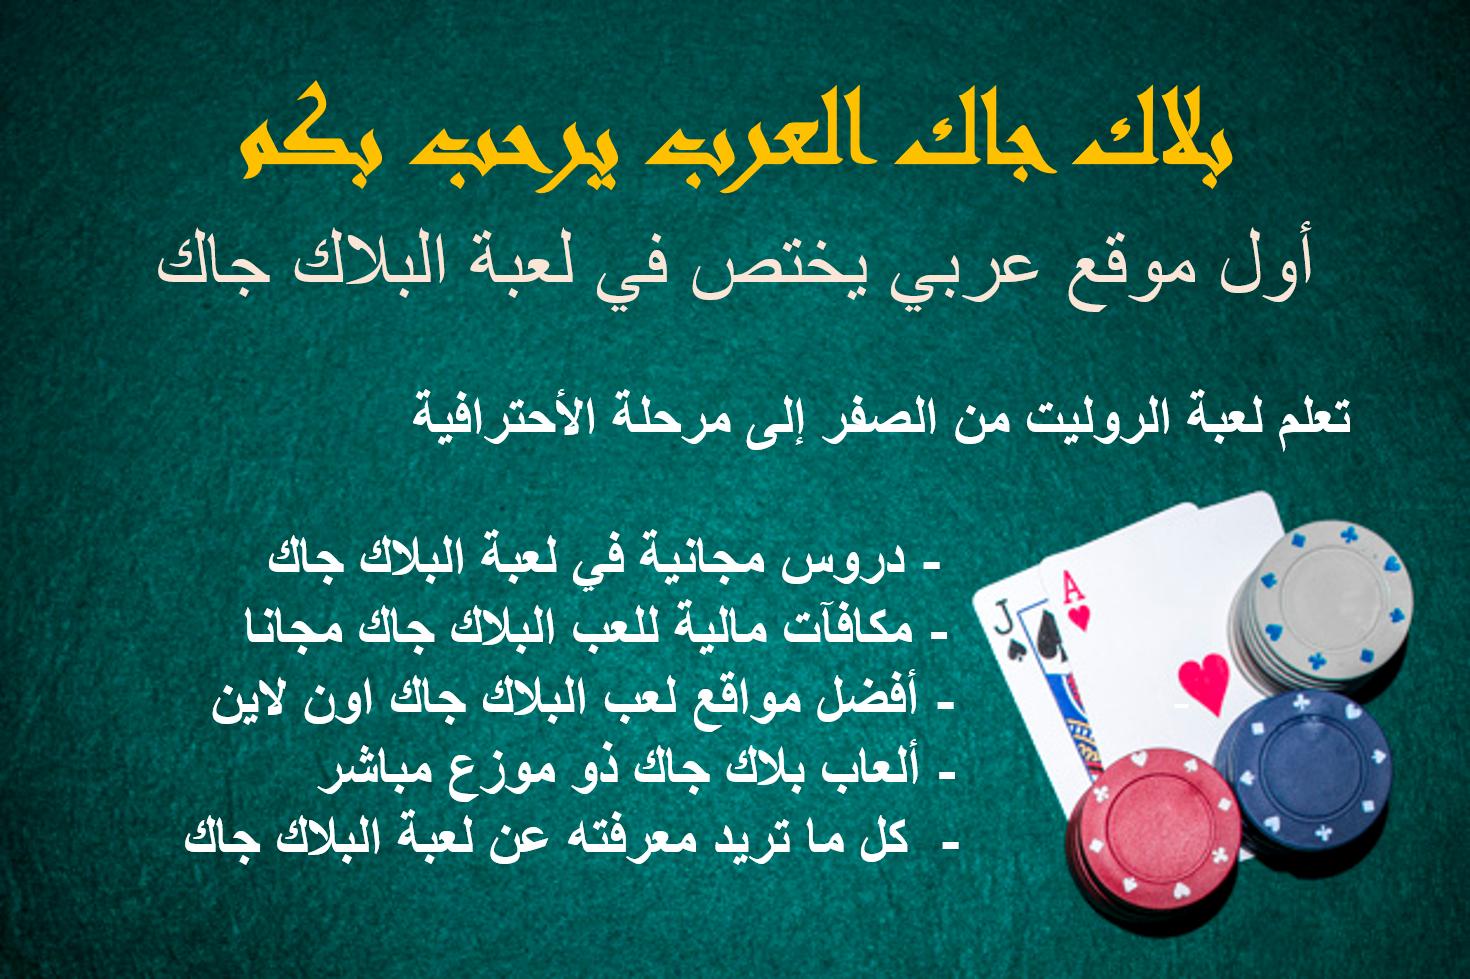 طريقة لعب البوكر 24625